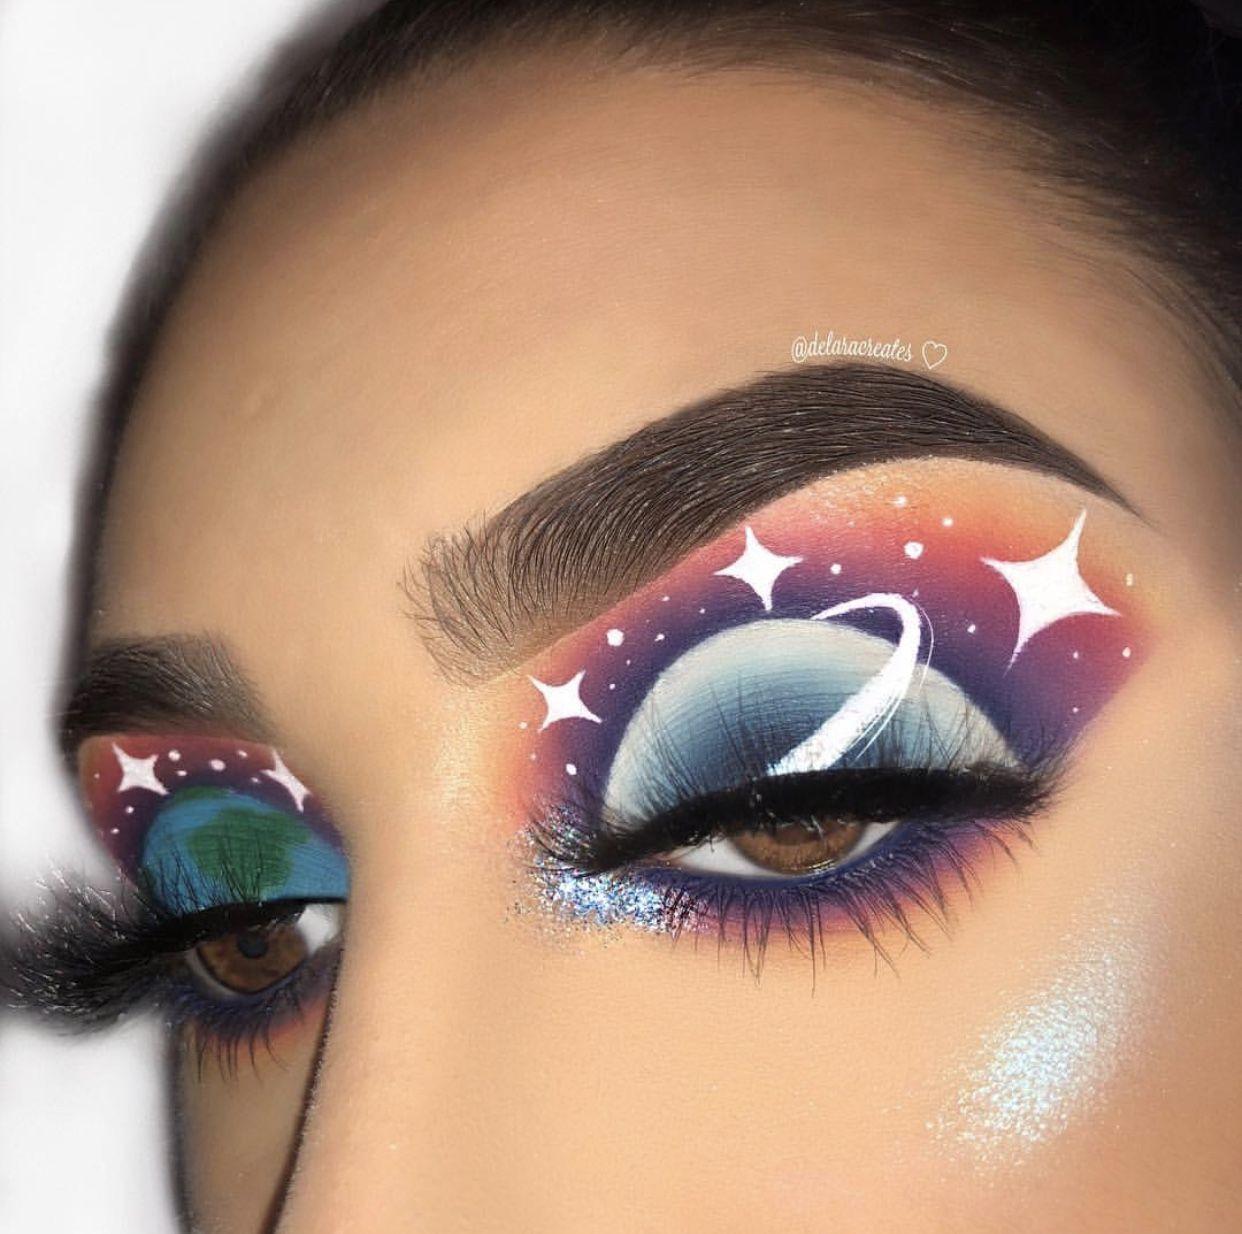 Stunning Eye Makeup Art Transforms Eyes into Two